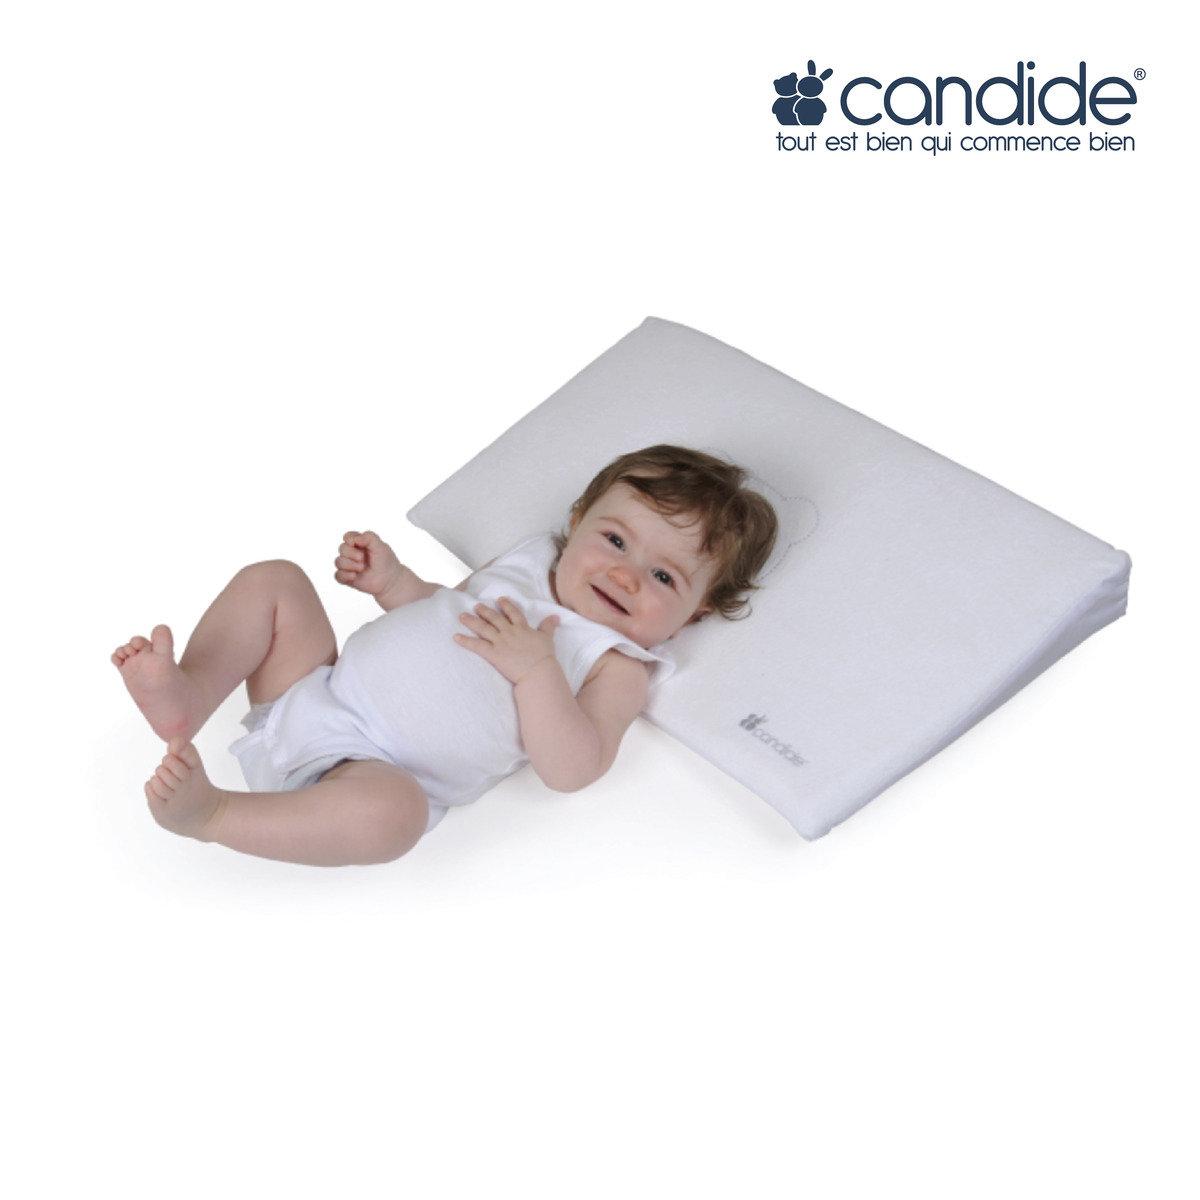 15° 嬰兒斜枕 (55x35x8cm)